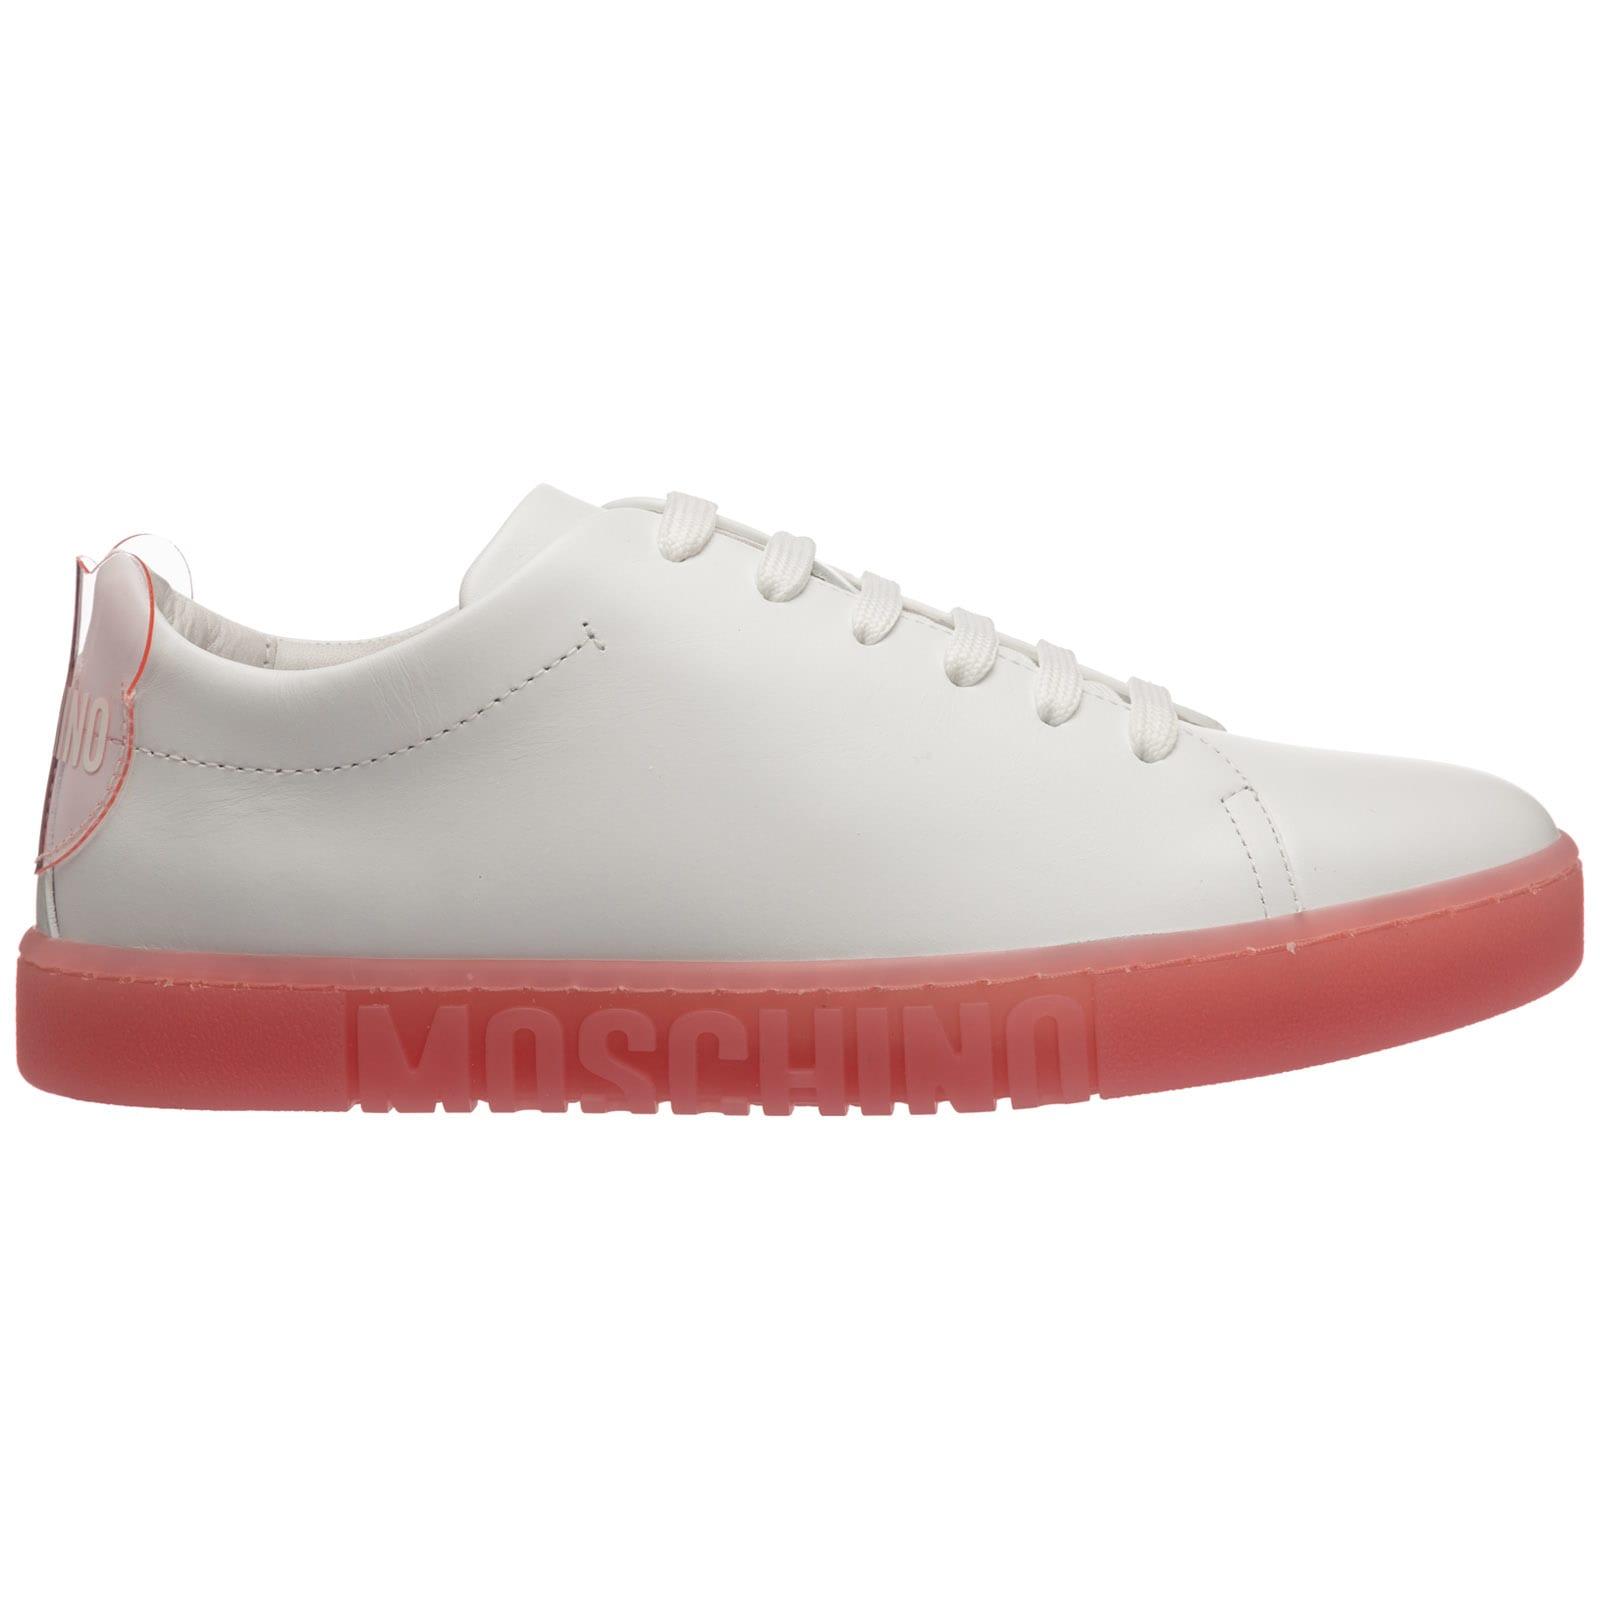 Buy Moschino K/ikonik Kapri Sneakers online, shop Moschino shoes with free shipping